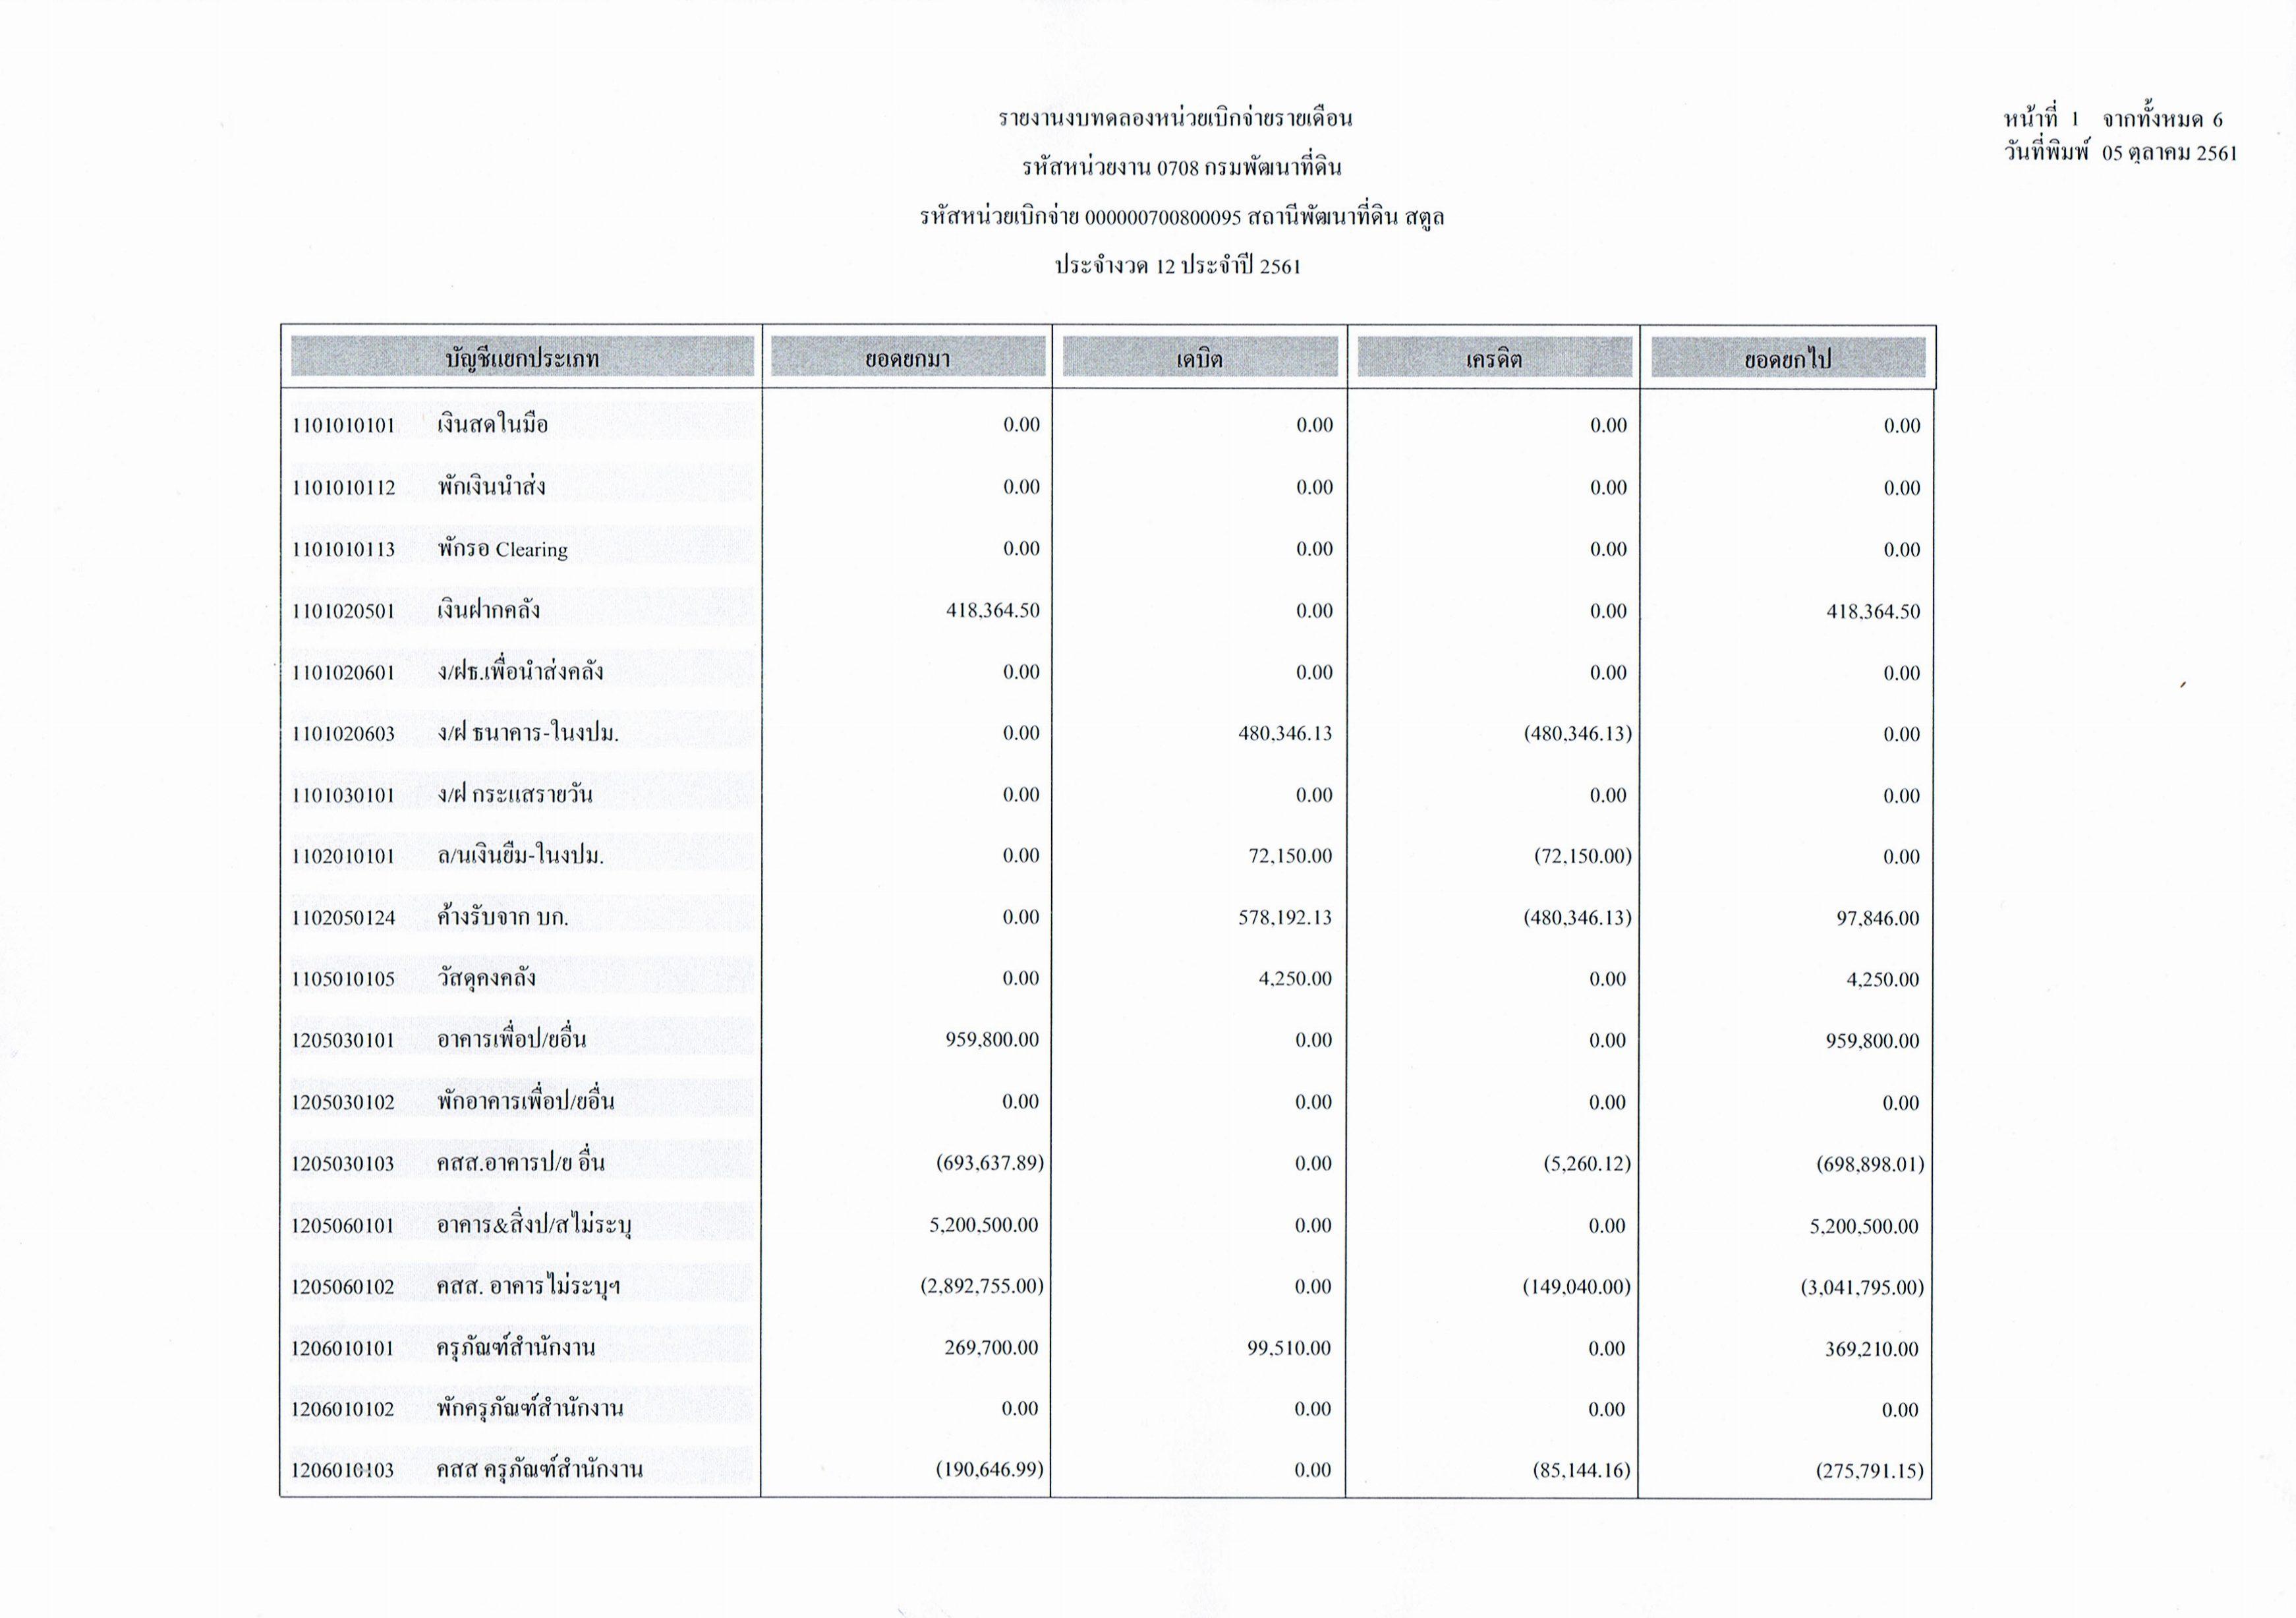 รายงานงบทดลองหน่วยเบิกจ่ายรายเดือนกันยายน ประจำงวด 12 ประจำปี 2561_1